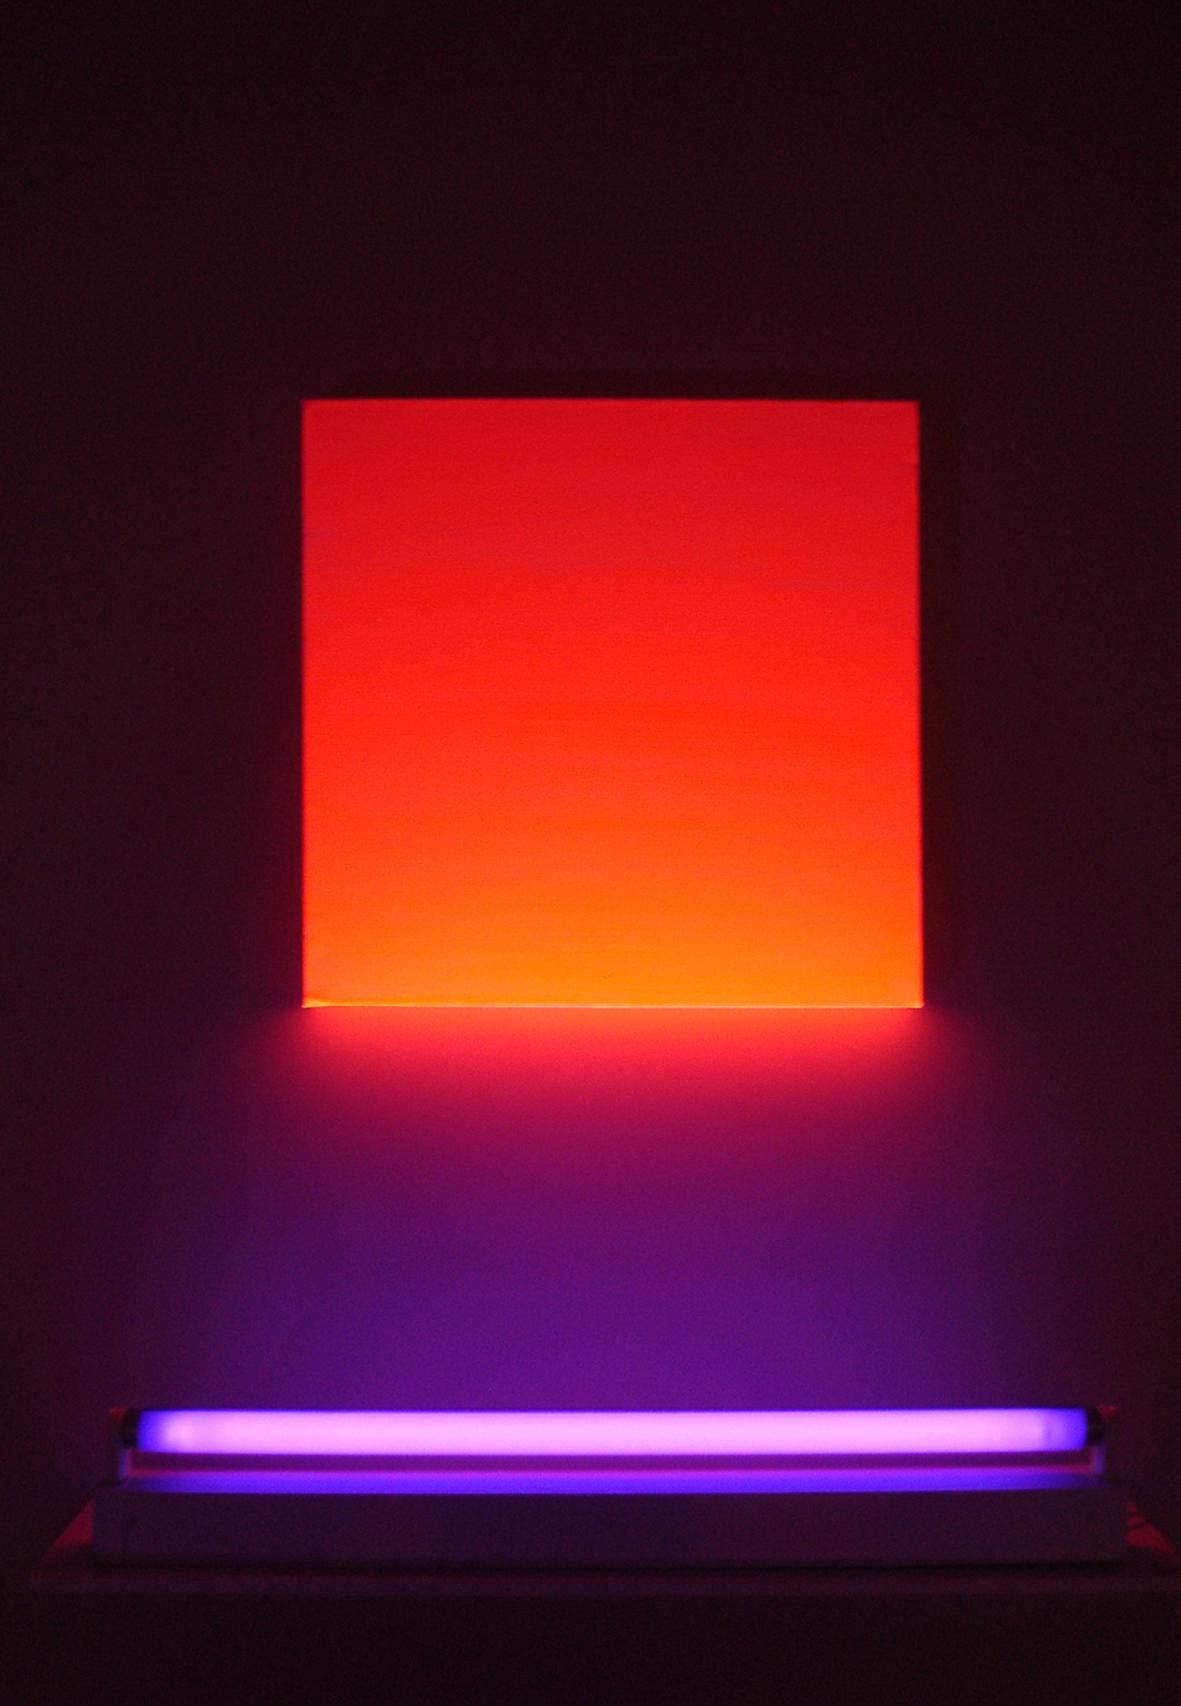 Éric Michel, Monochrome Lumi.re Bengal Red 2007 © ADAGP, Paris 2015 Courtesy Galerie Véronique Smagghe